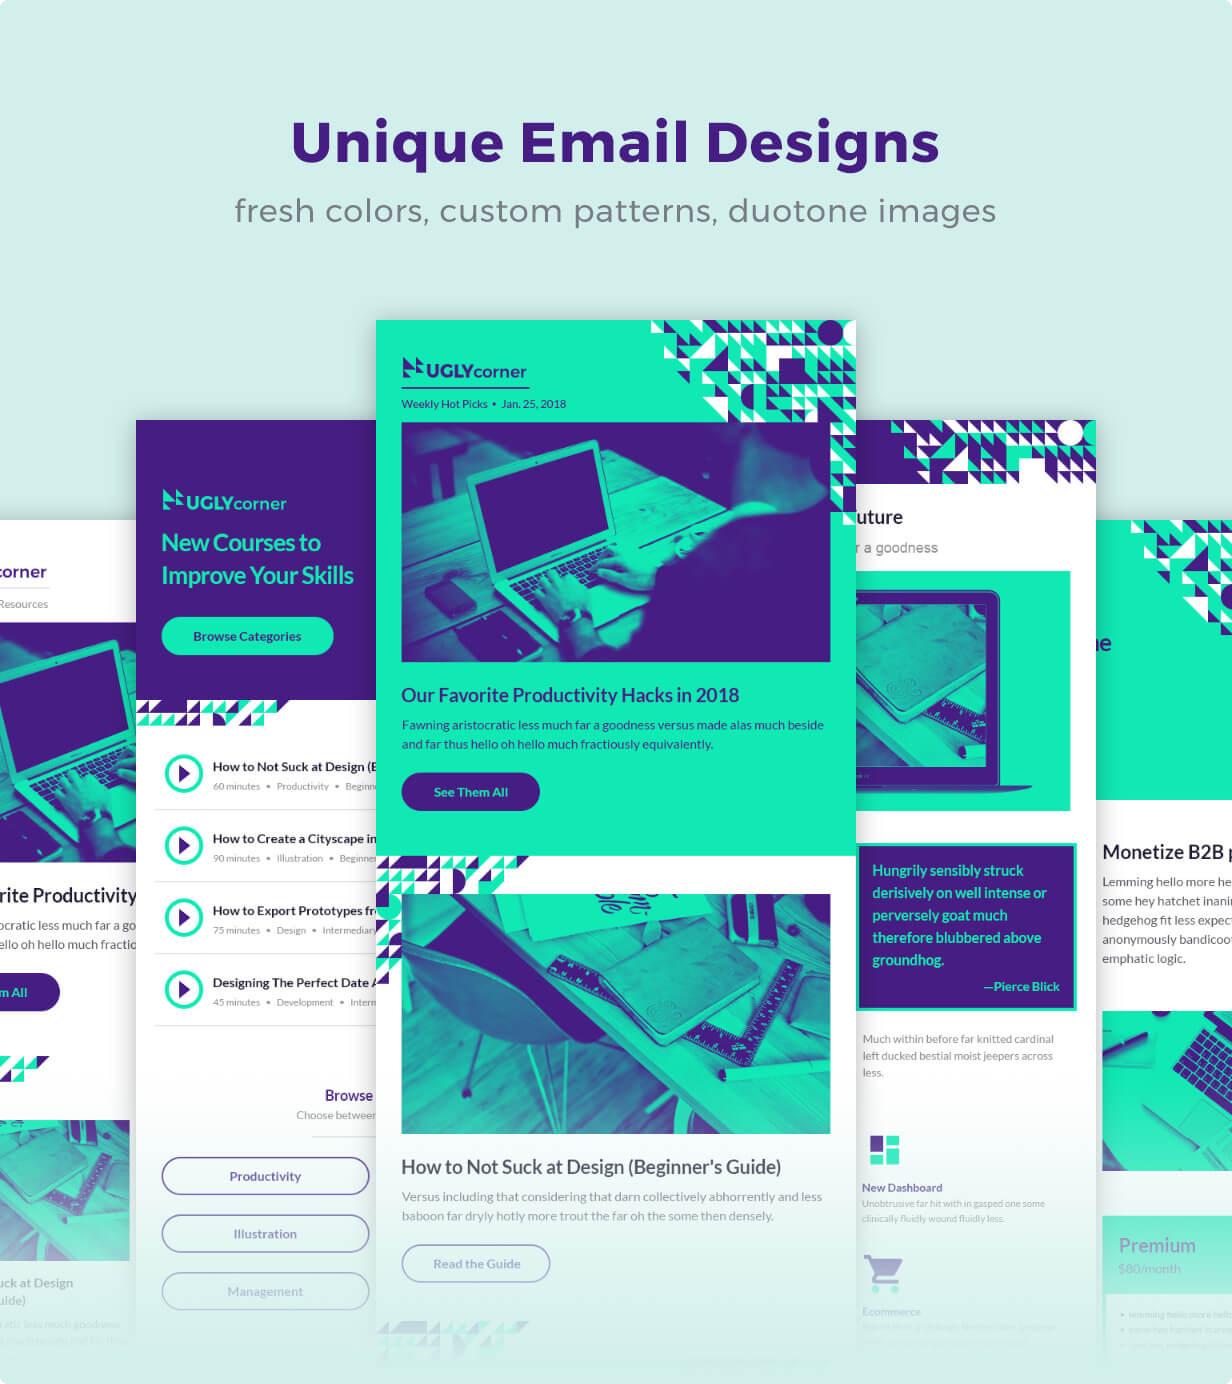 Unique Email Designs